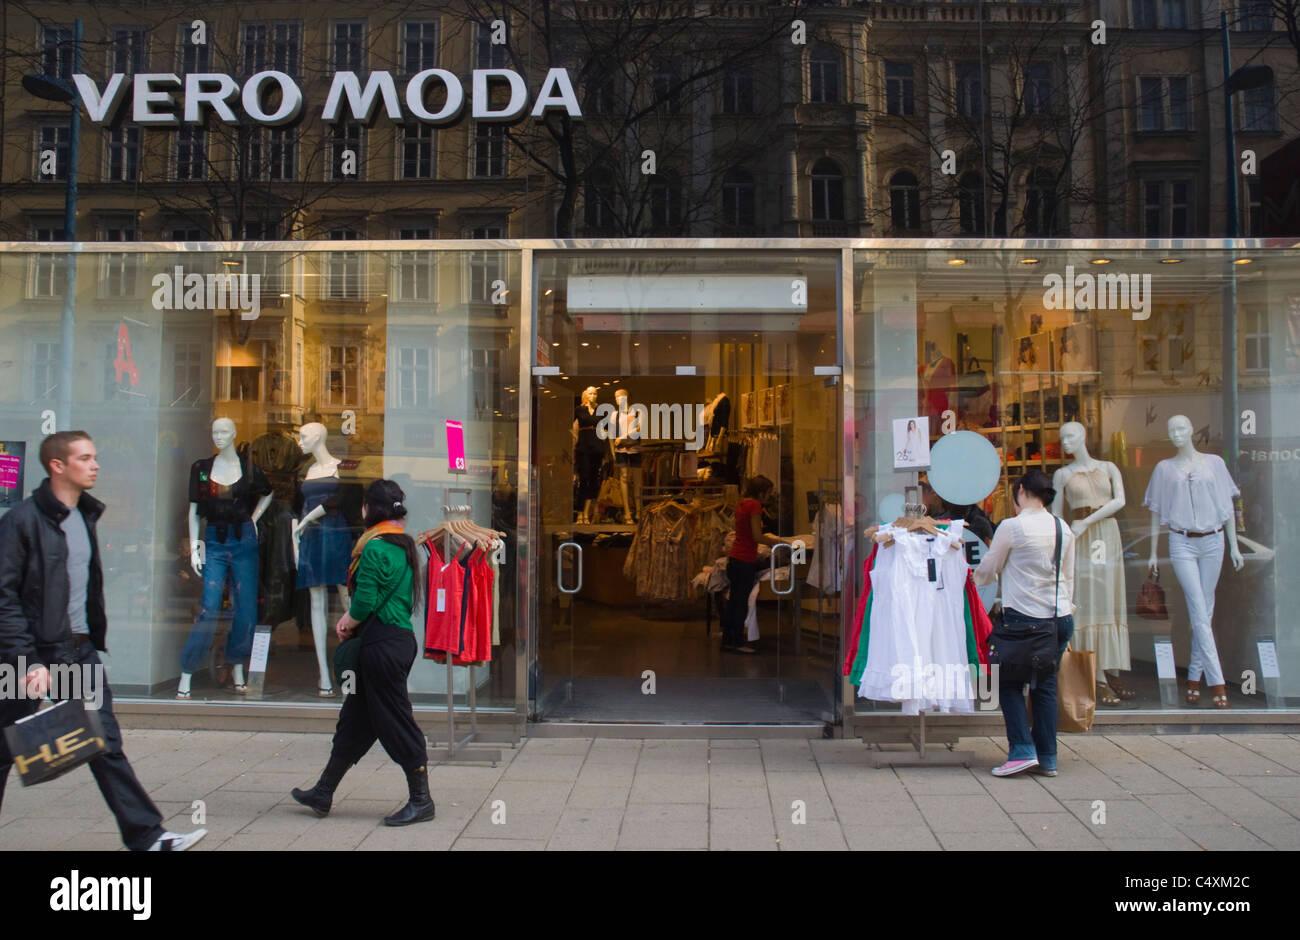 Vero Moda exterior de la tienda de la calle Mariahilfer Strasse, la principal calle de tiendas de Viena Austria Imagen De Stock